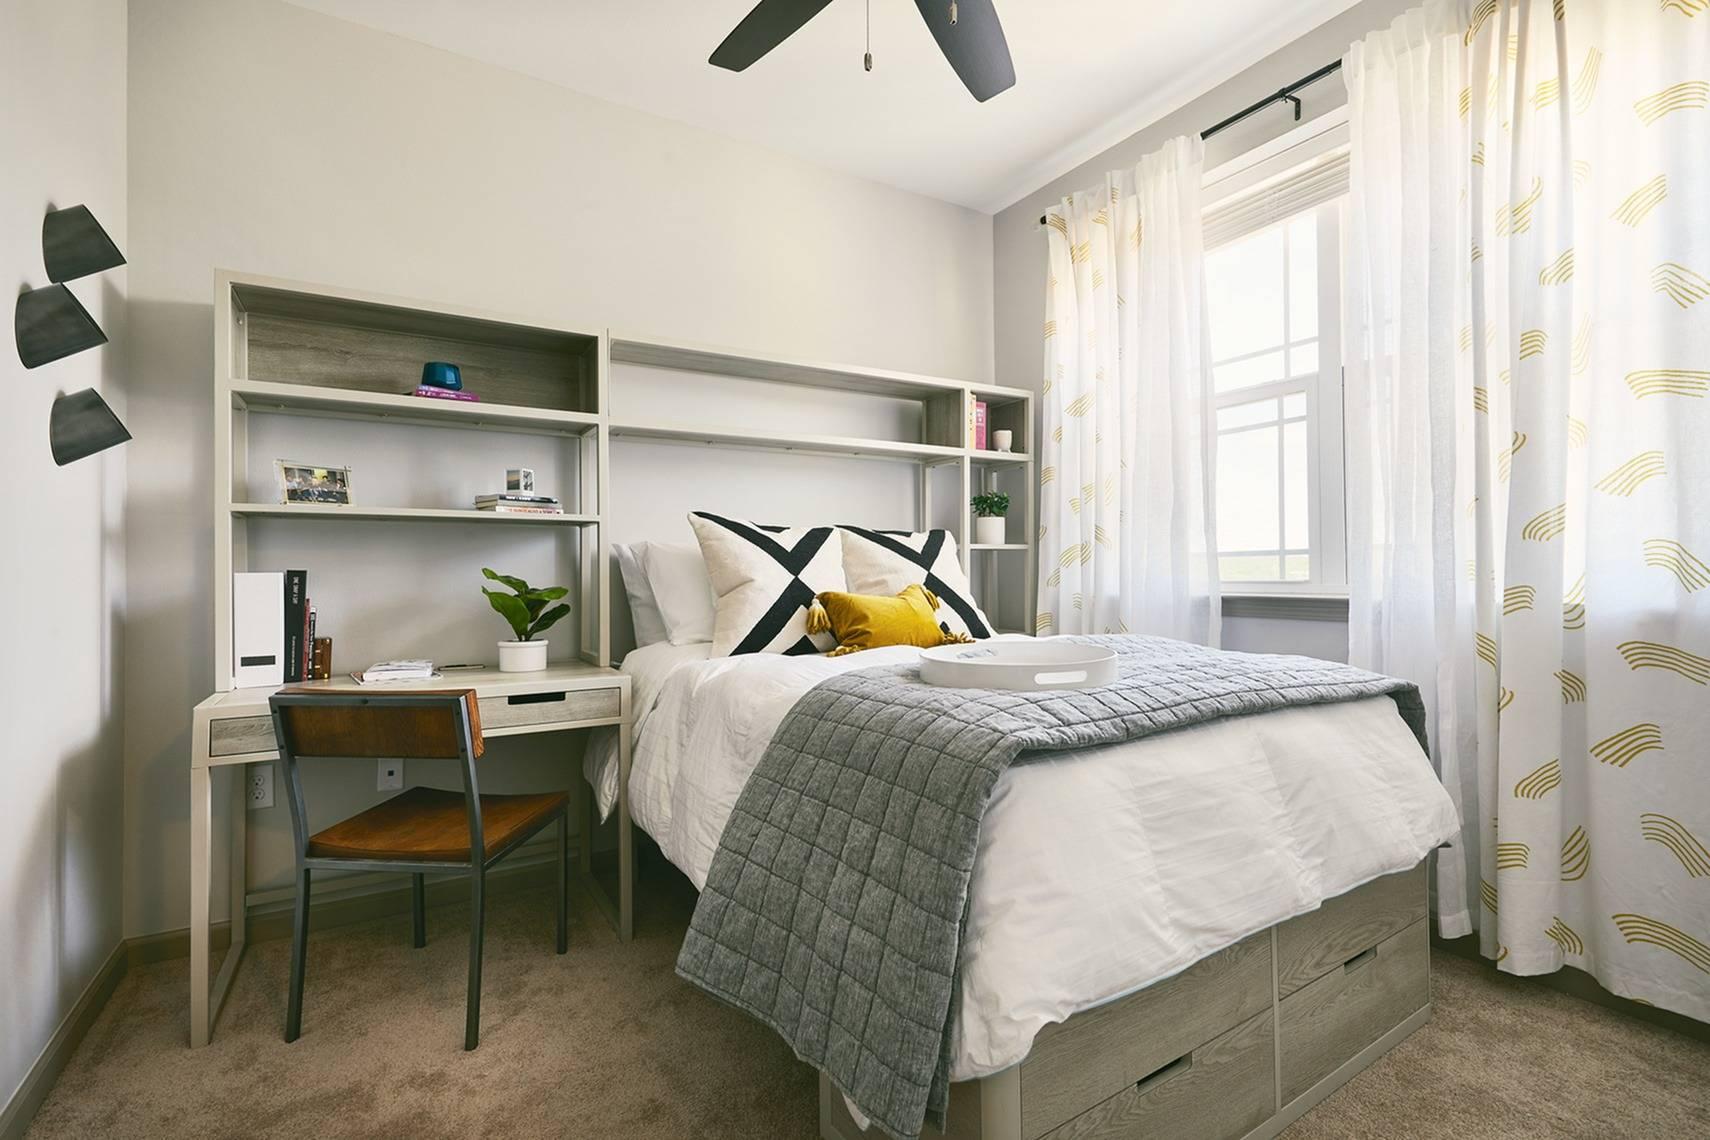 Furnished_Bedroom